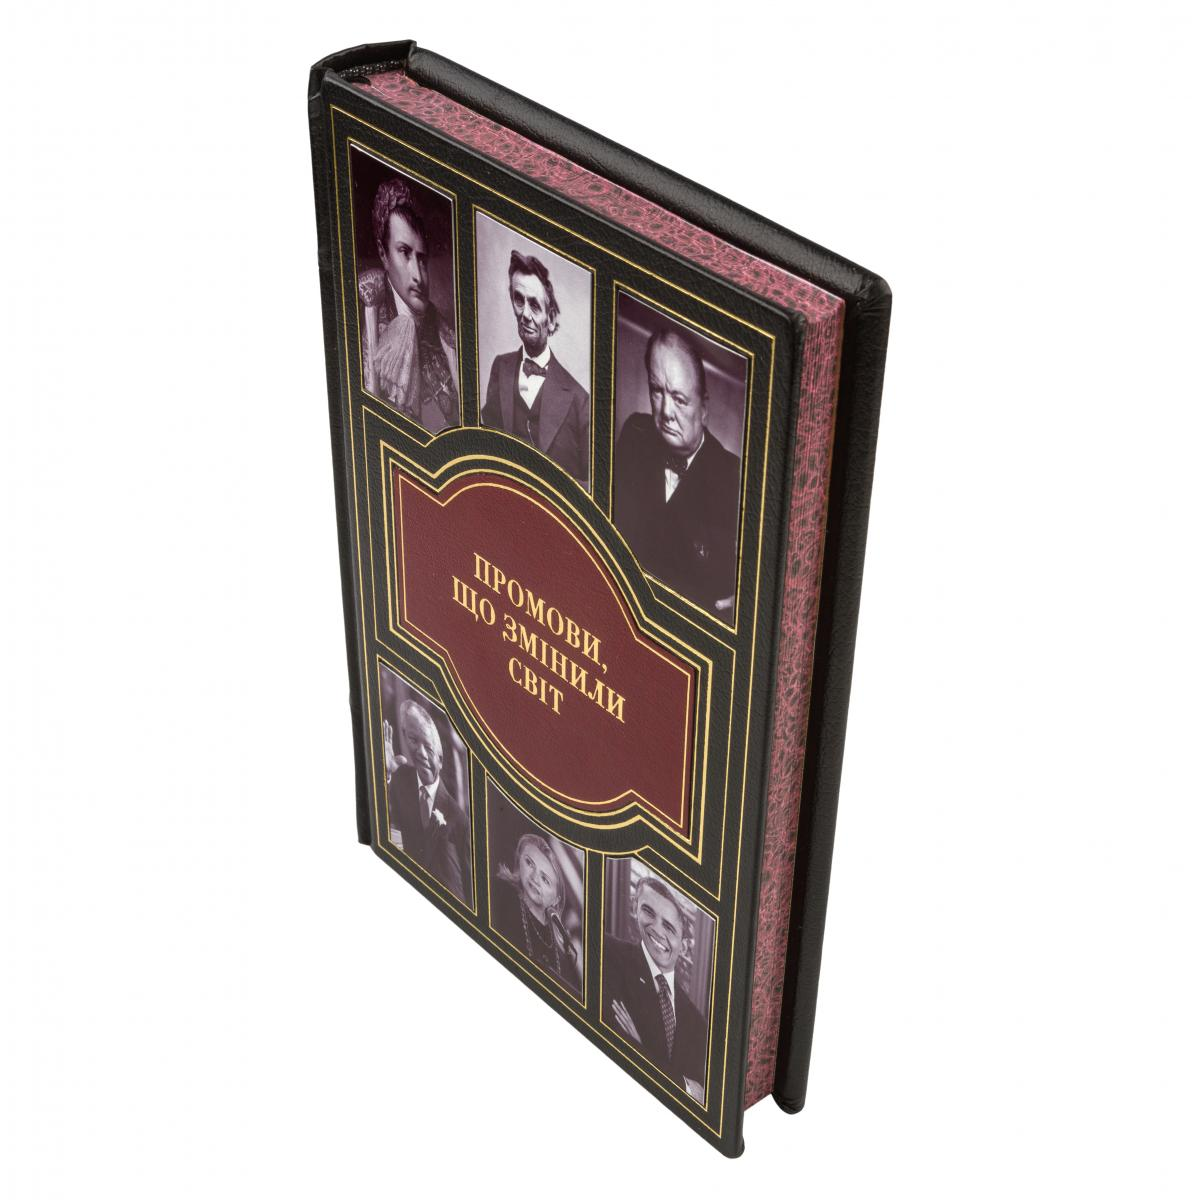 """Книга подарункова """"Промови, що змінили світ"""". Фото №3.   Народний дім Україна"""